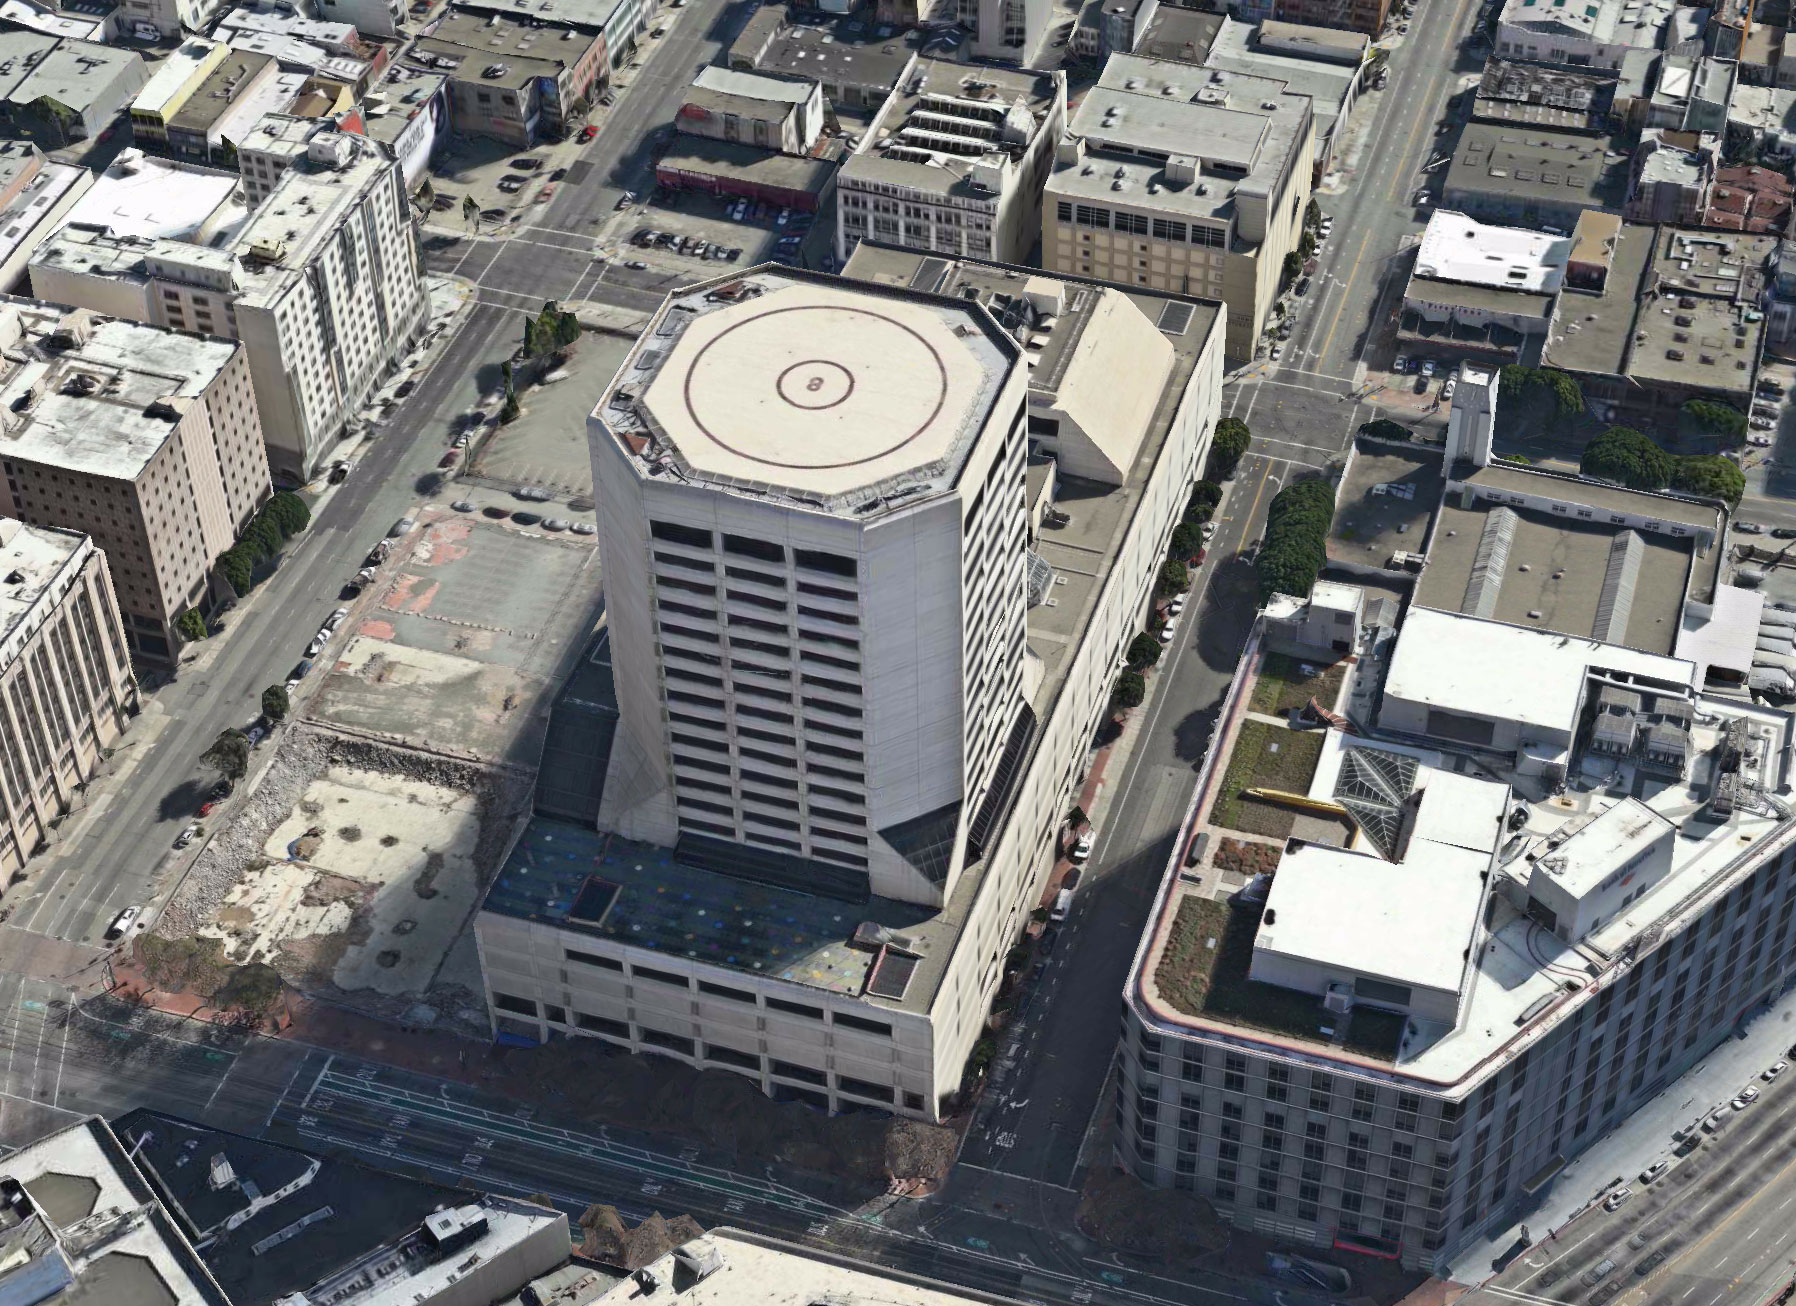 Bank of America Data Center - San Francisco